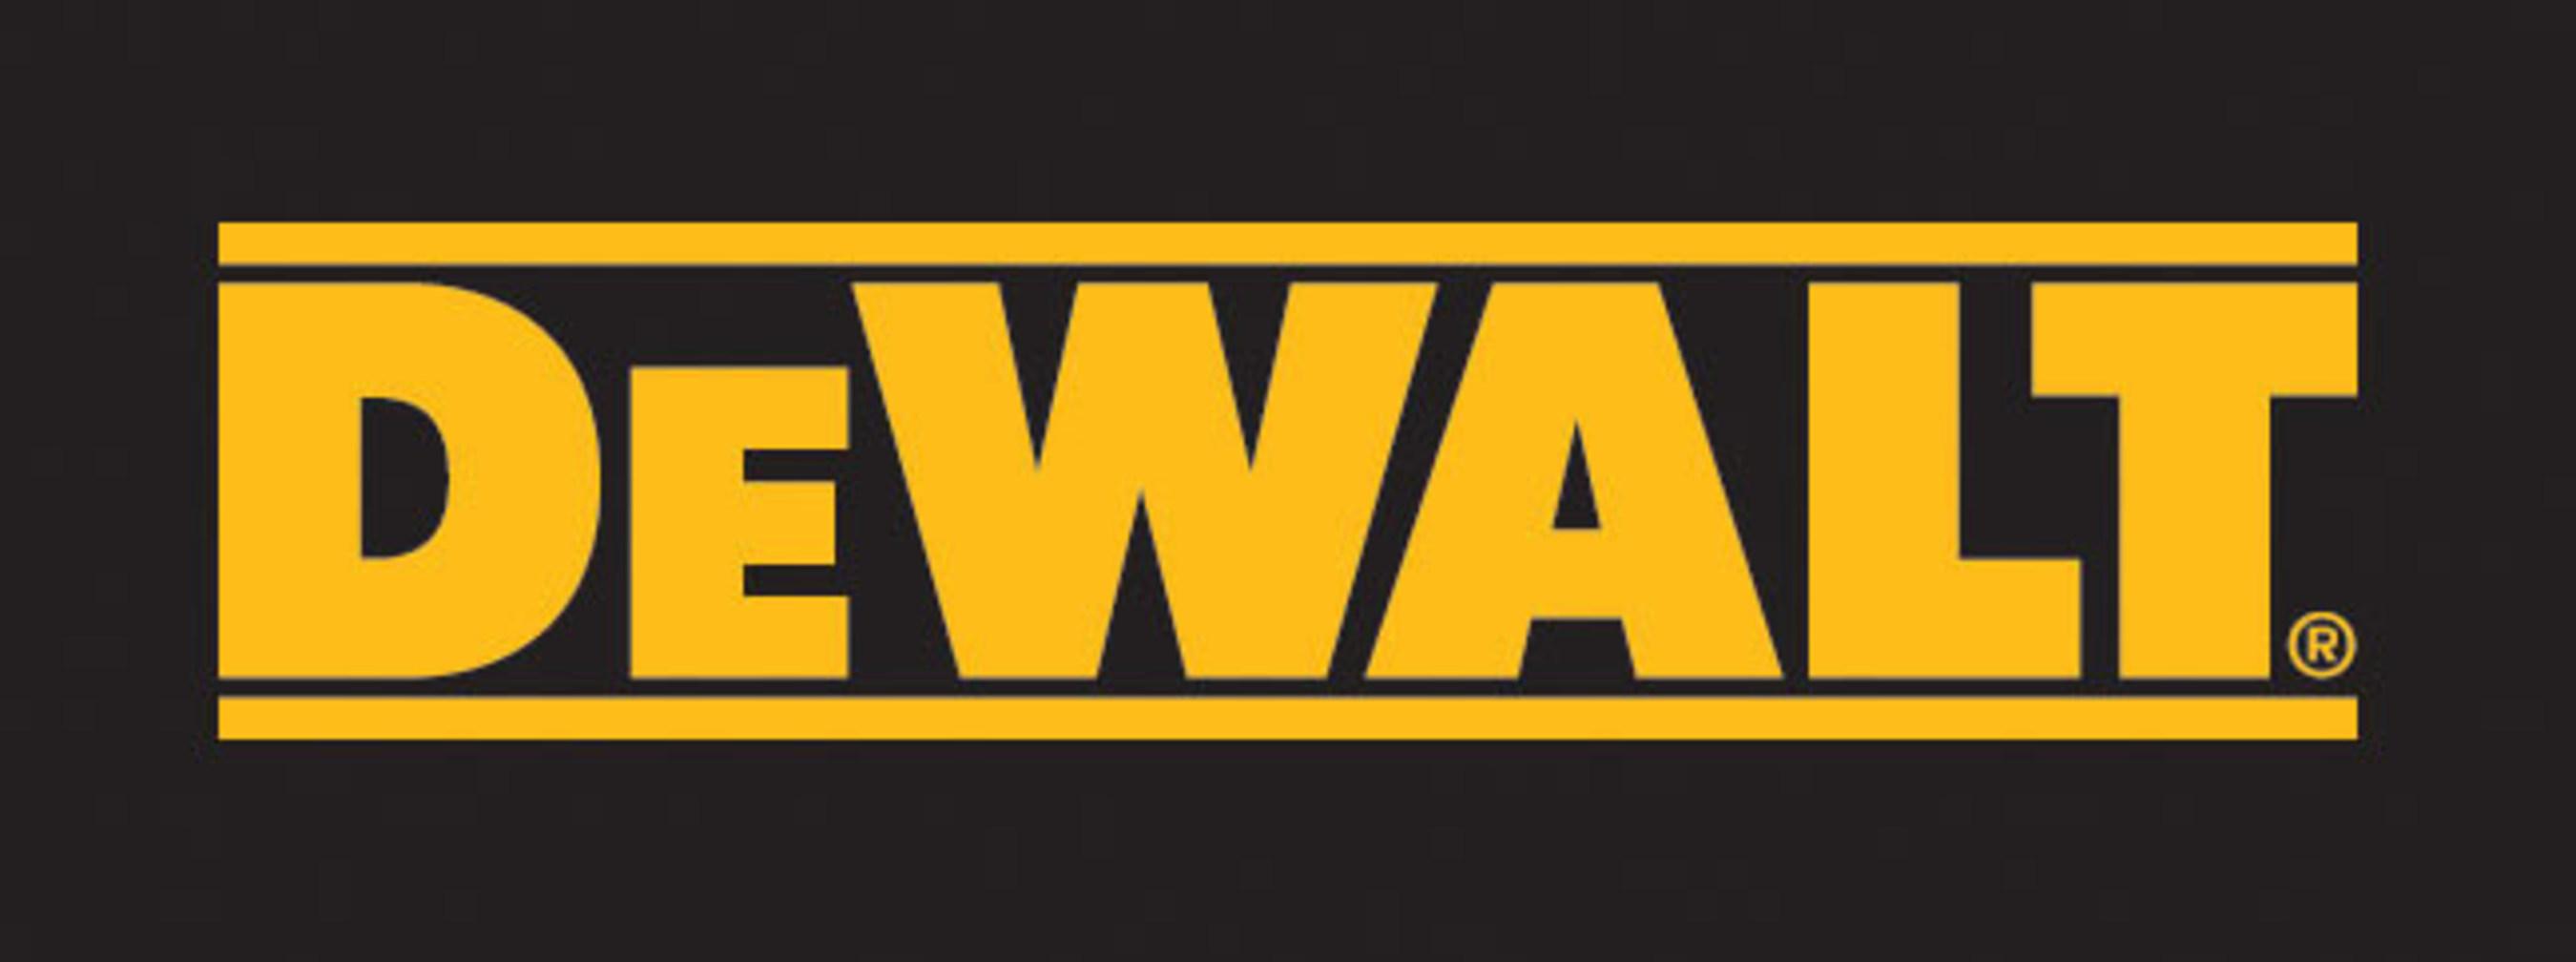 DEWALT' Announces Tool Connect Inventory Management System